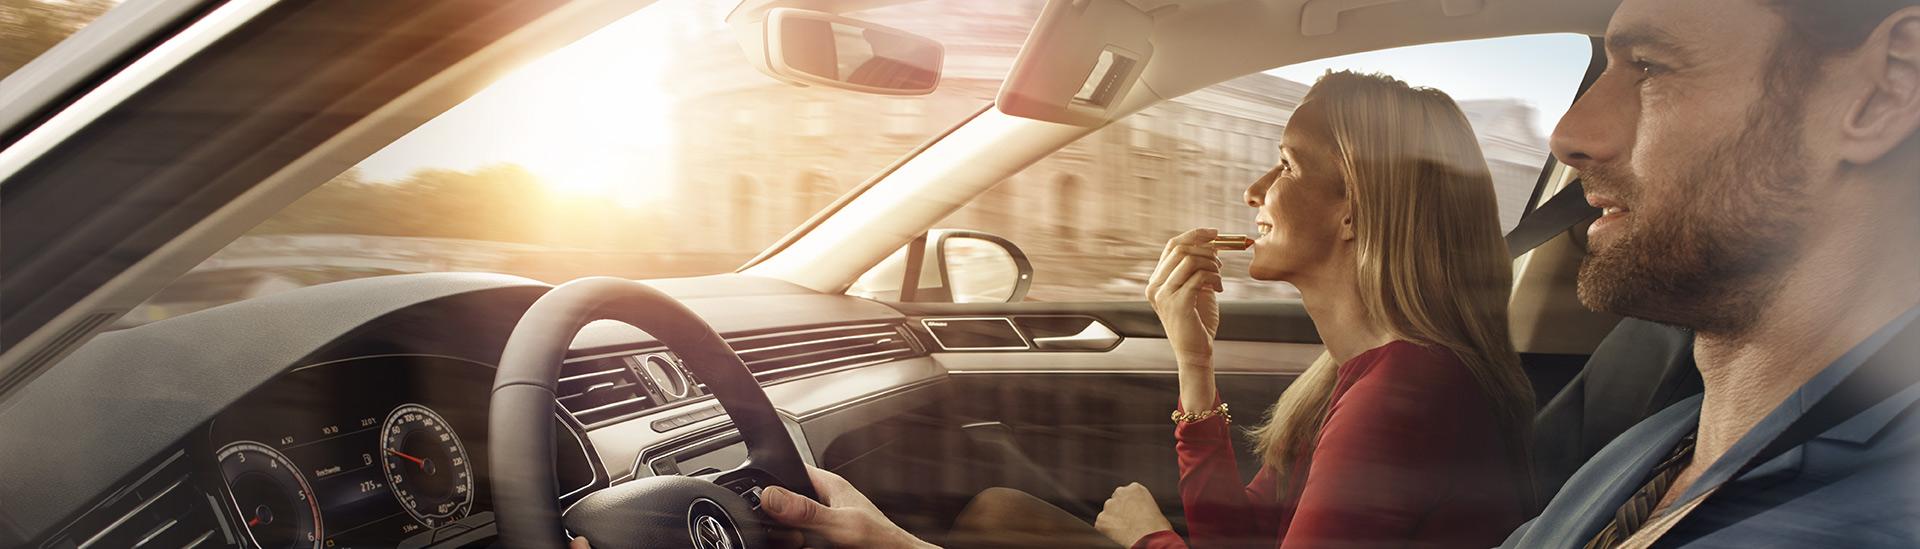 Headerbild-Mann-und-Frau-im-Auto